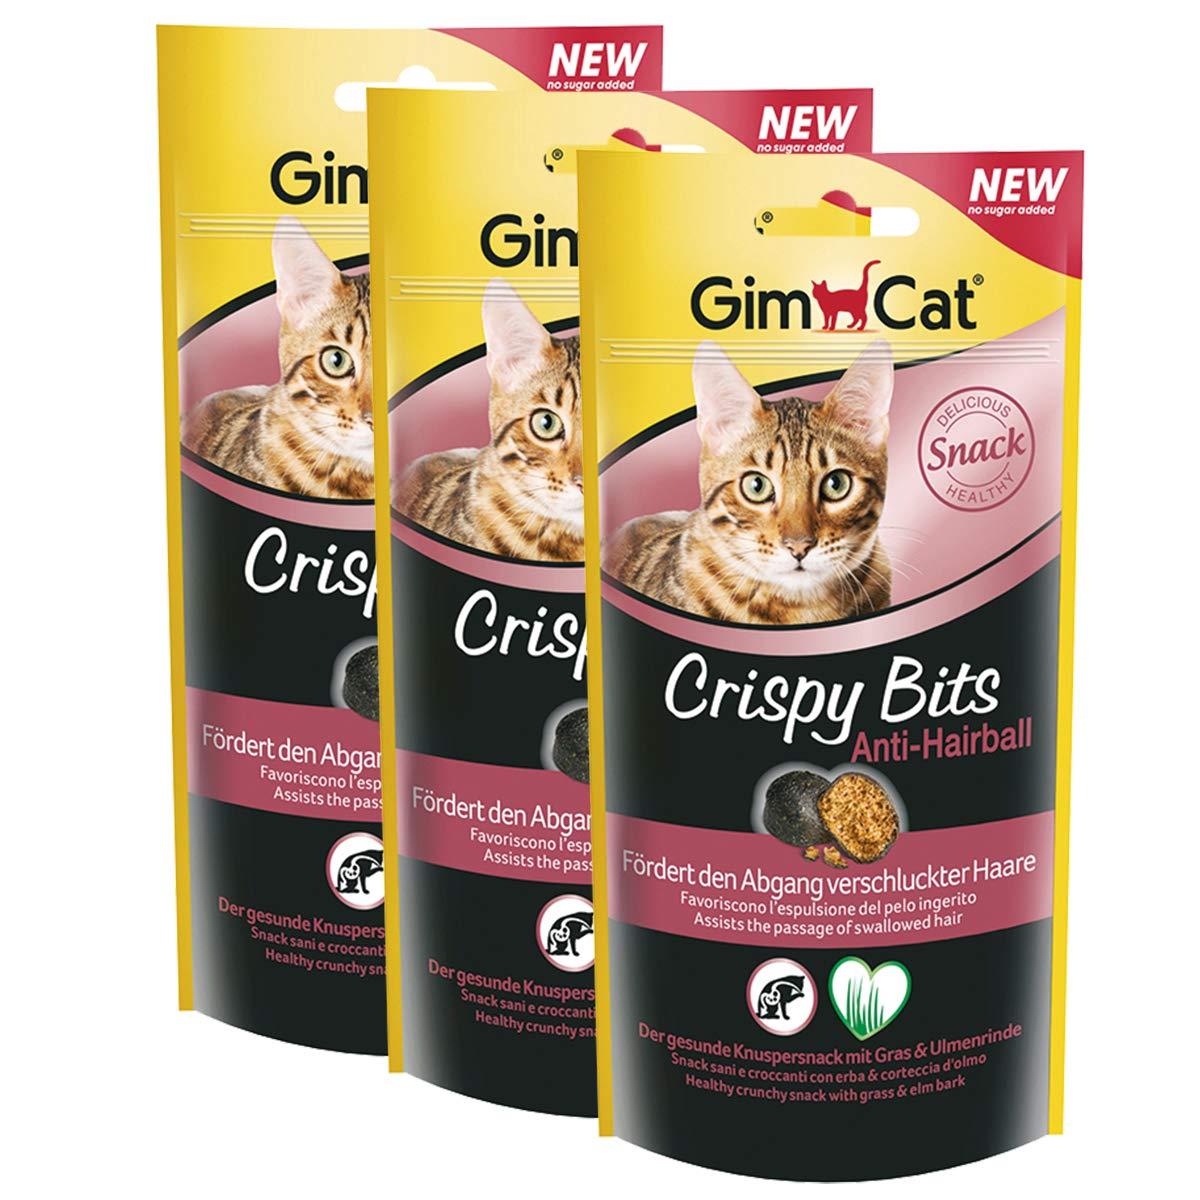 GimCat Crispy Bits – Snack crujiente de carne para gatos, con ingredientes funcionales – Sin azúcar añadido – Antibolas de pelo – 3 bolsas (3 x 40 g)